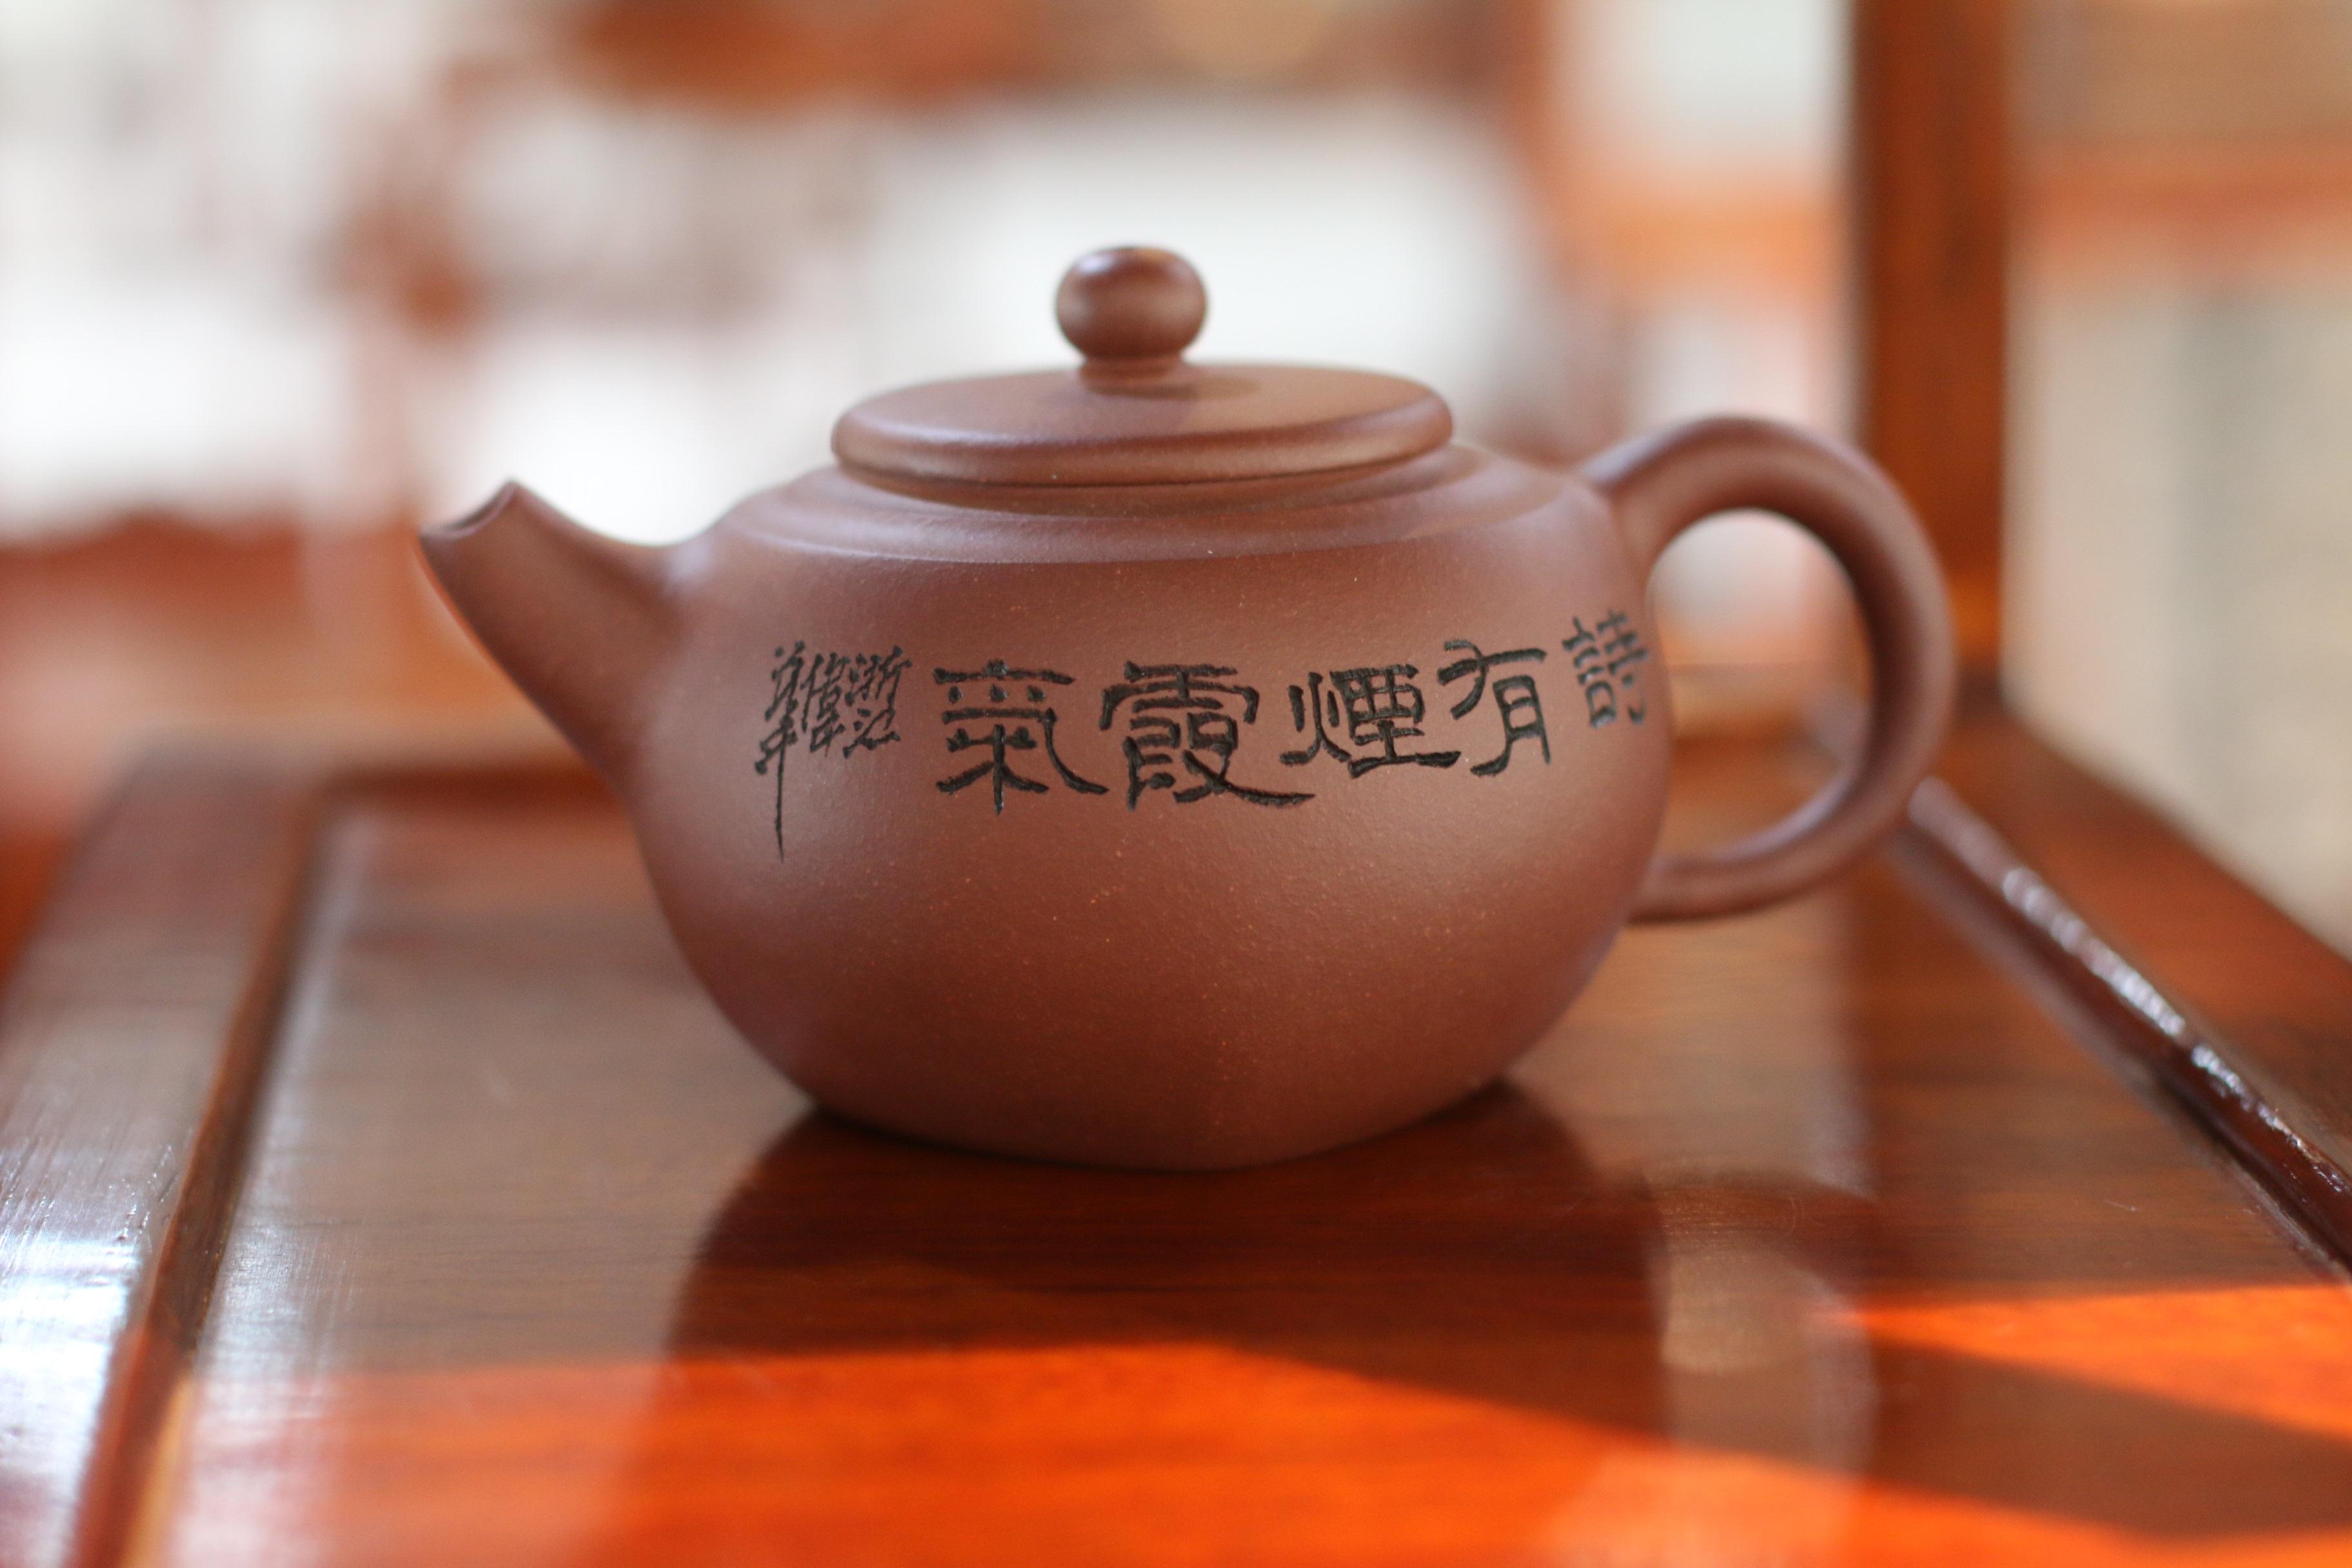 hình ảnh : màu tím, Ấm trà, nồi, Tách,  gốm sứ, Châu Á, uống, tách cà phê,  Bộ đồ ăn, nghệ thuật, Phong cách, Đất sét, truyên thông 3648x2432